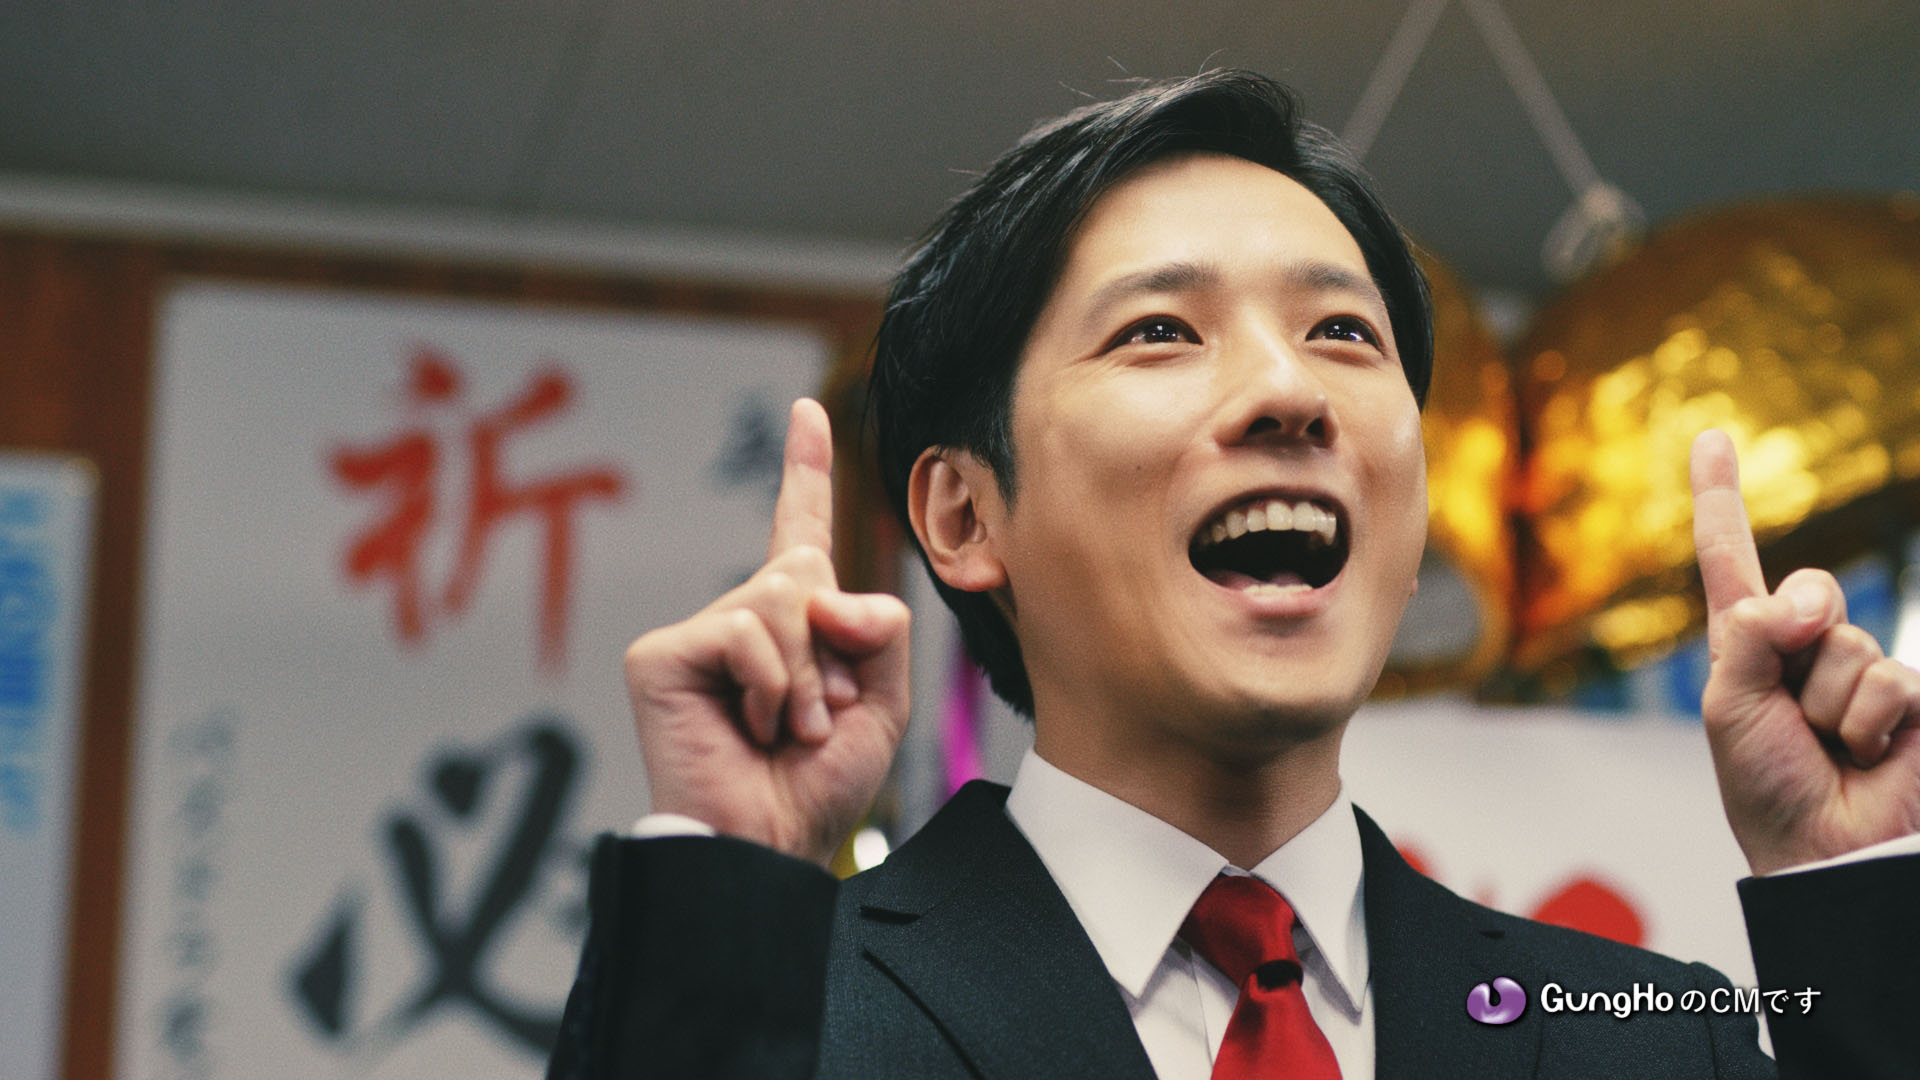 「パズドラ」,二宮和也さんを起用した新CMが8月14日にオンエア。前日には二宮さん出演の特別動画も公開に